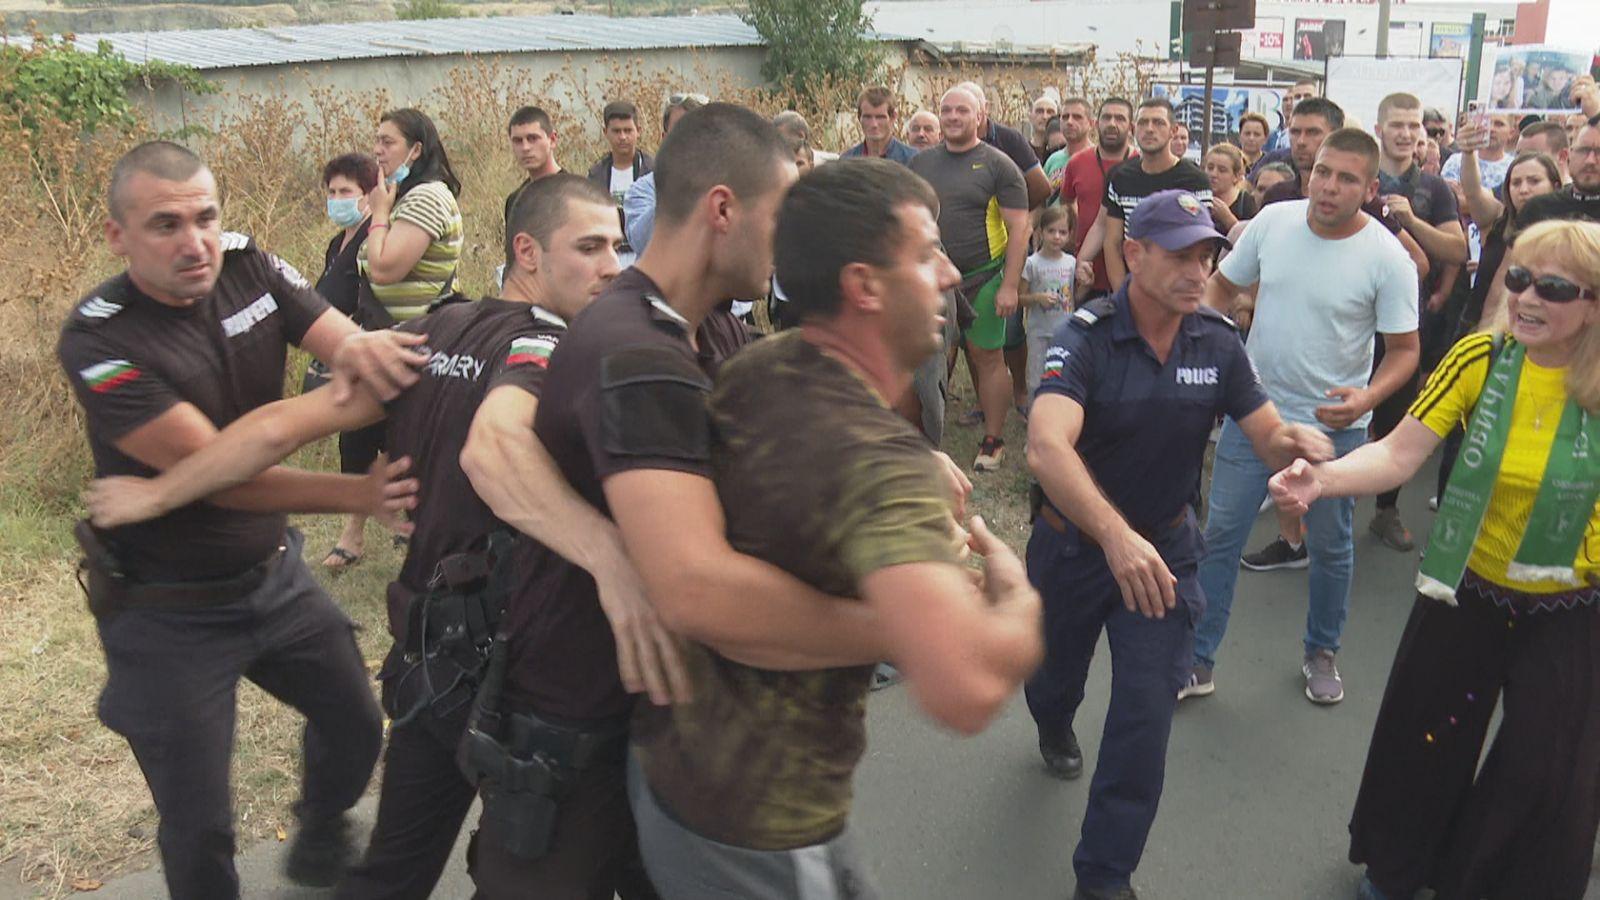 <p>Два часа продължи блокадата на пътя Айтос-Руен, на кръстовището до изхода на града. Протестът е заради тежката катастрофа в началото на седмицата, при която тежкотоварен автомобил блъсна лека кола и на място загинаха баща, двете му деца, а 17-годишен младеж беше тежко ранен. По време на протеста се стигна до сблъсъци с полицията, инфорамира БНР.</p>  <p><br /> &nbsp;</p>